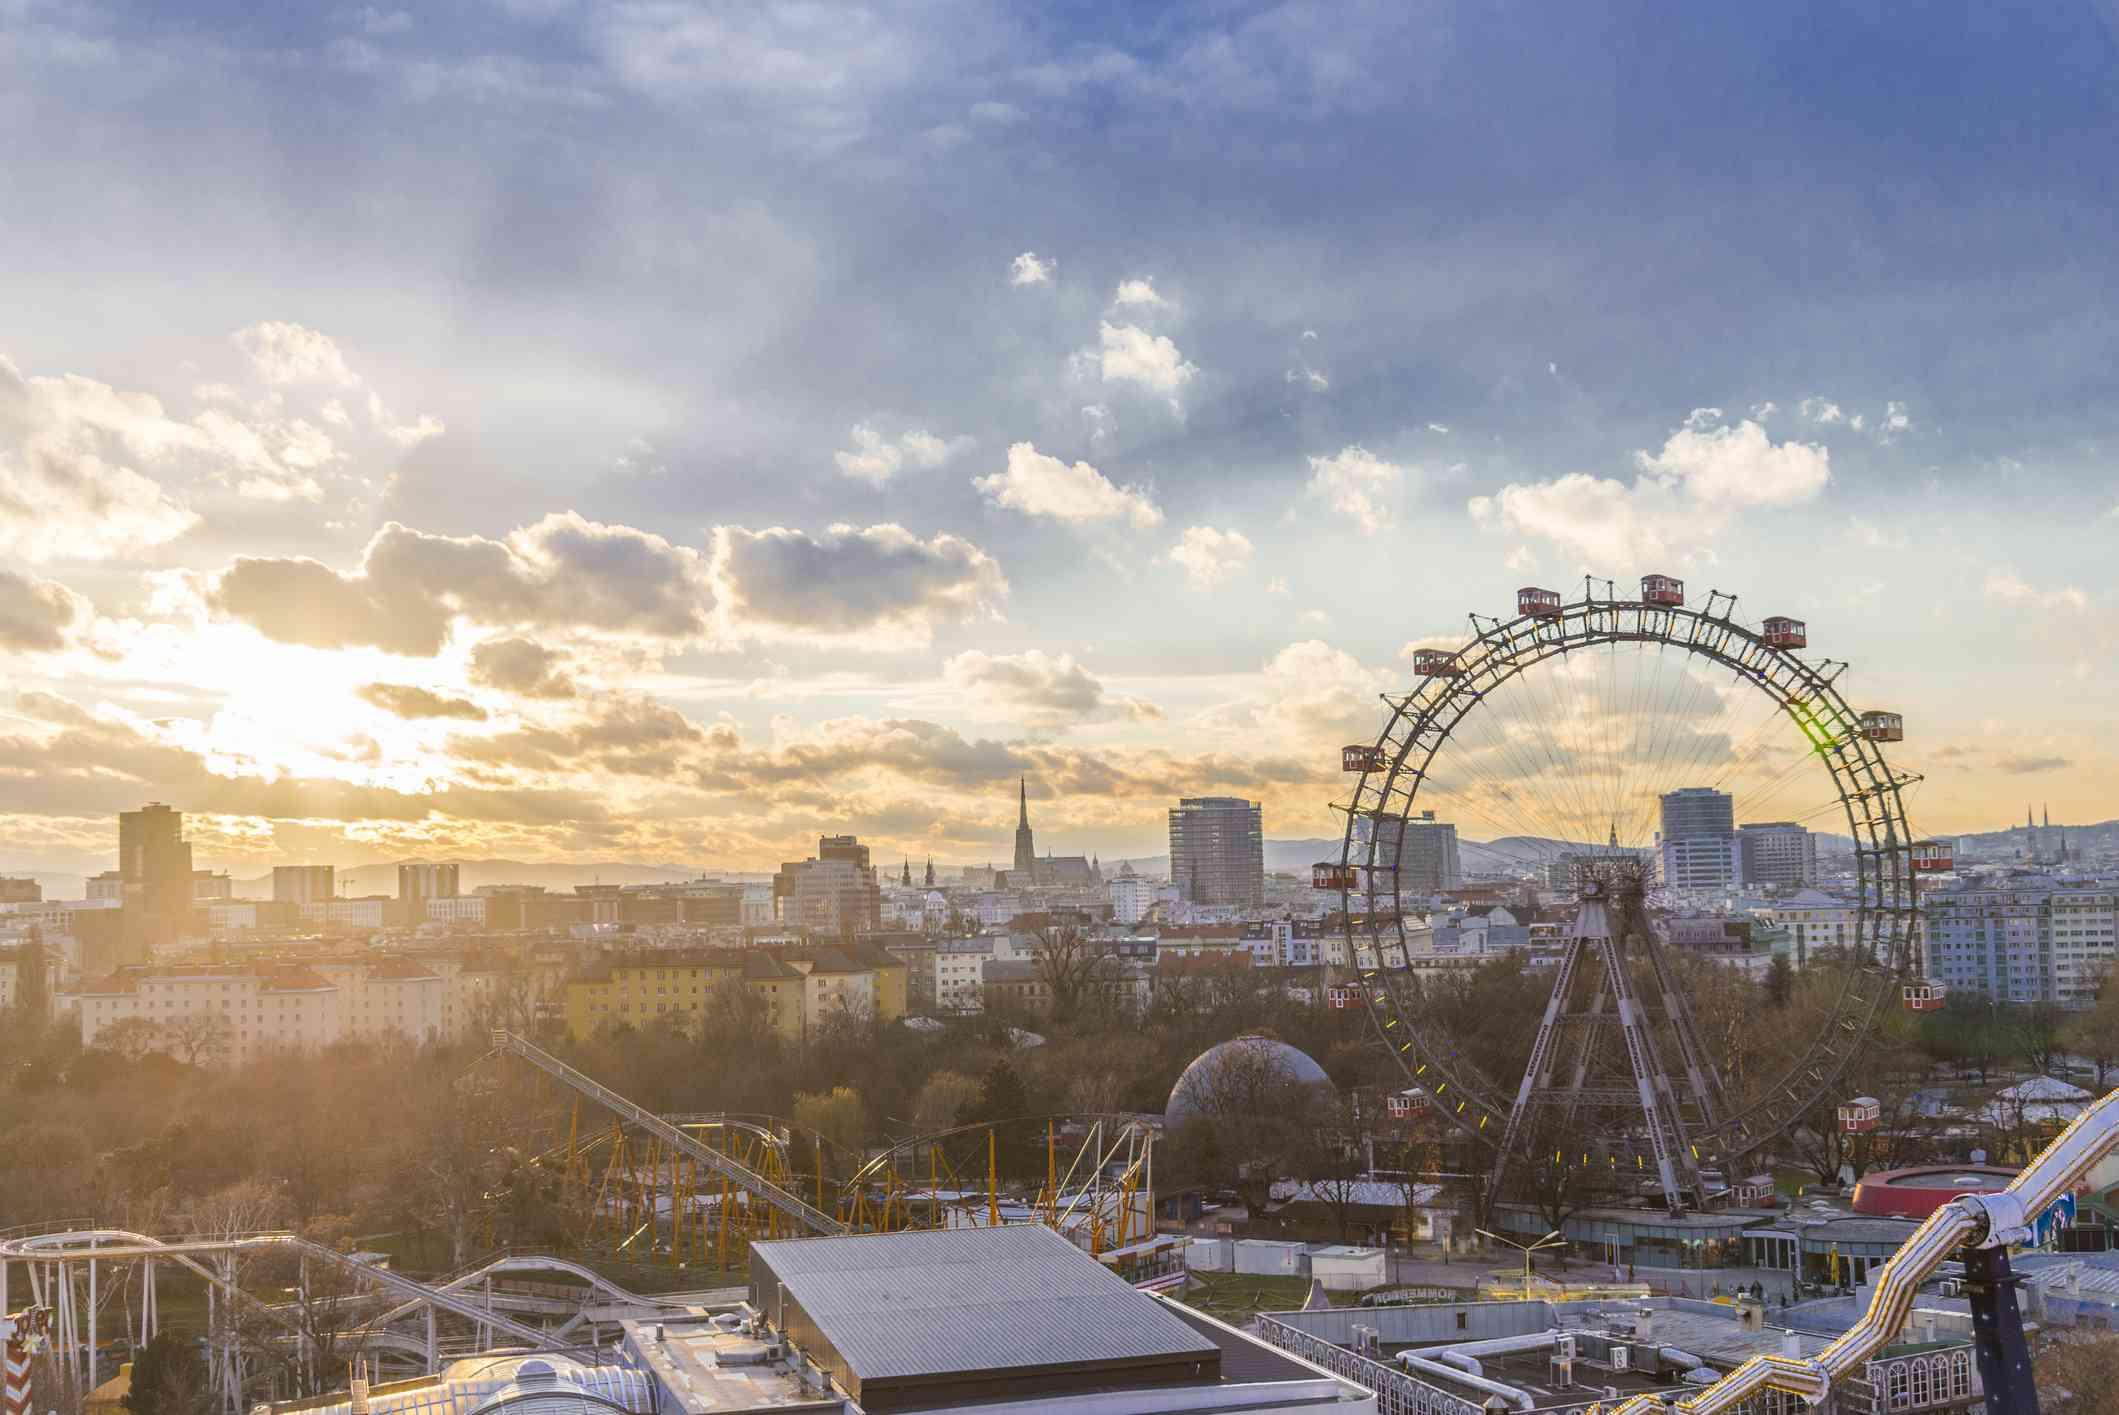 Sunset in Wiener Riesenrad